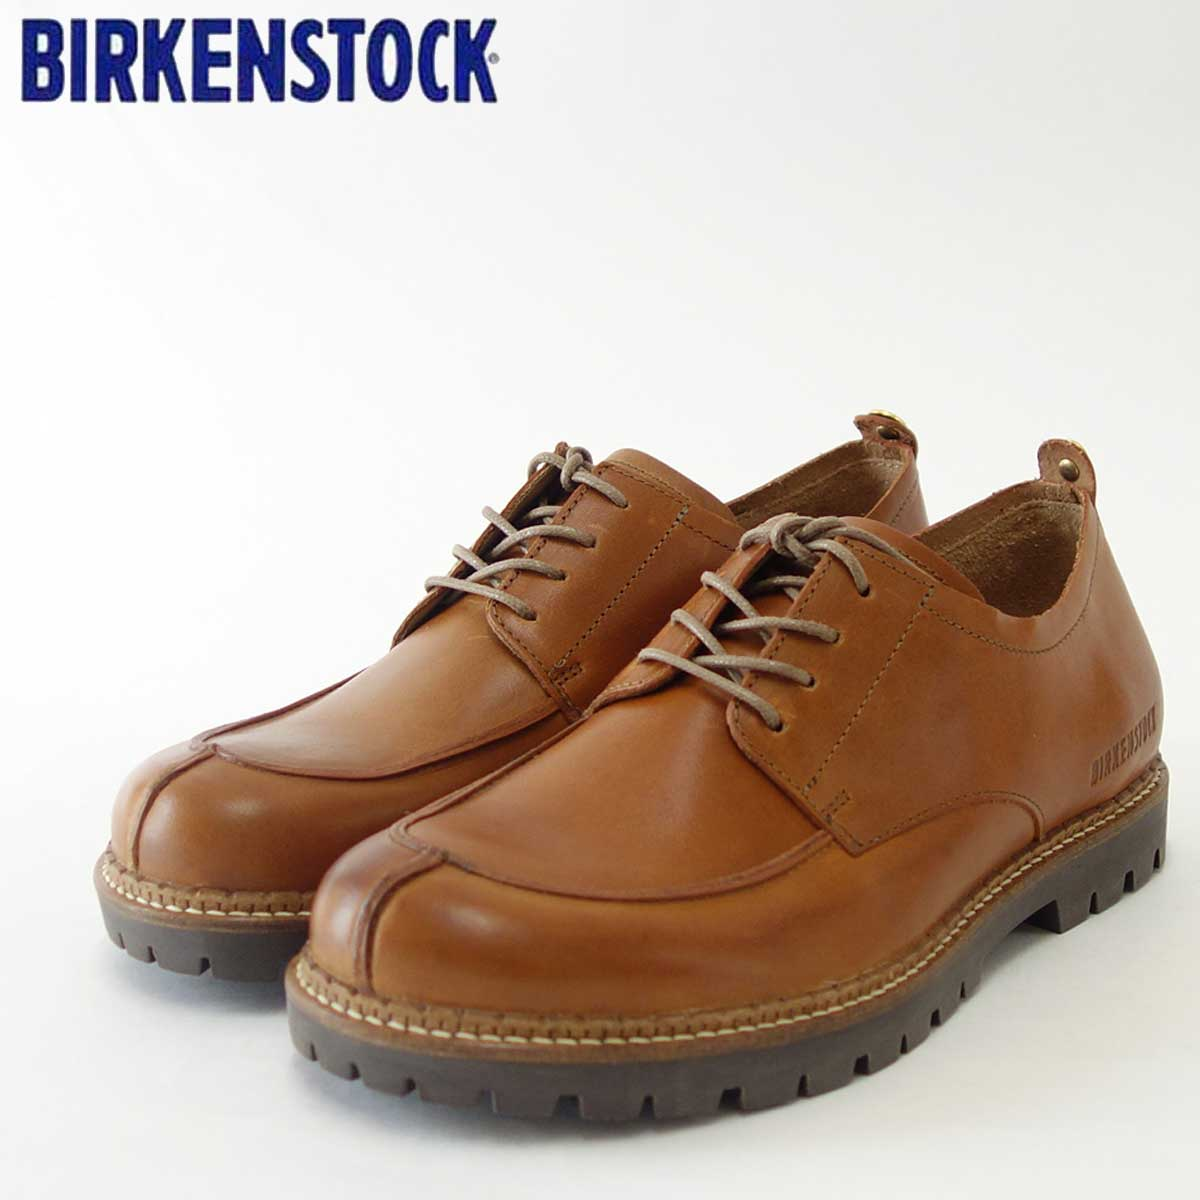 BIRKENSTOCK(ビルケンシュトック) TIMMINS(ティミンズ)メンズ 1006942(天然皮革/CUOIO)ヨーロッパ生まれの快適シューズ(正規輸入品)「靴」